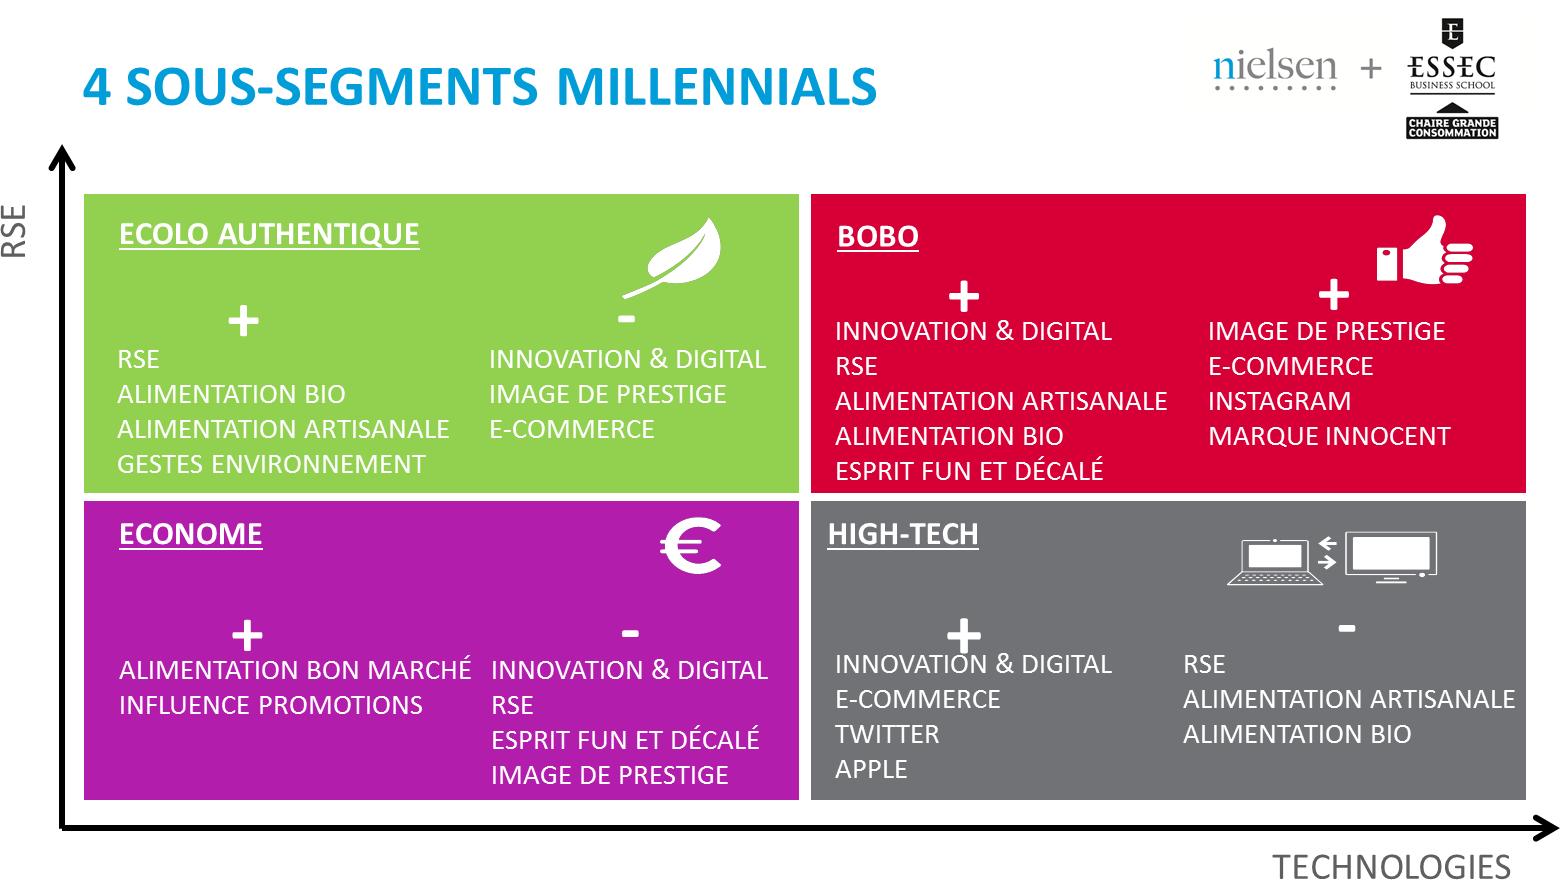 4 sous segments pour mieux analyser les millennials